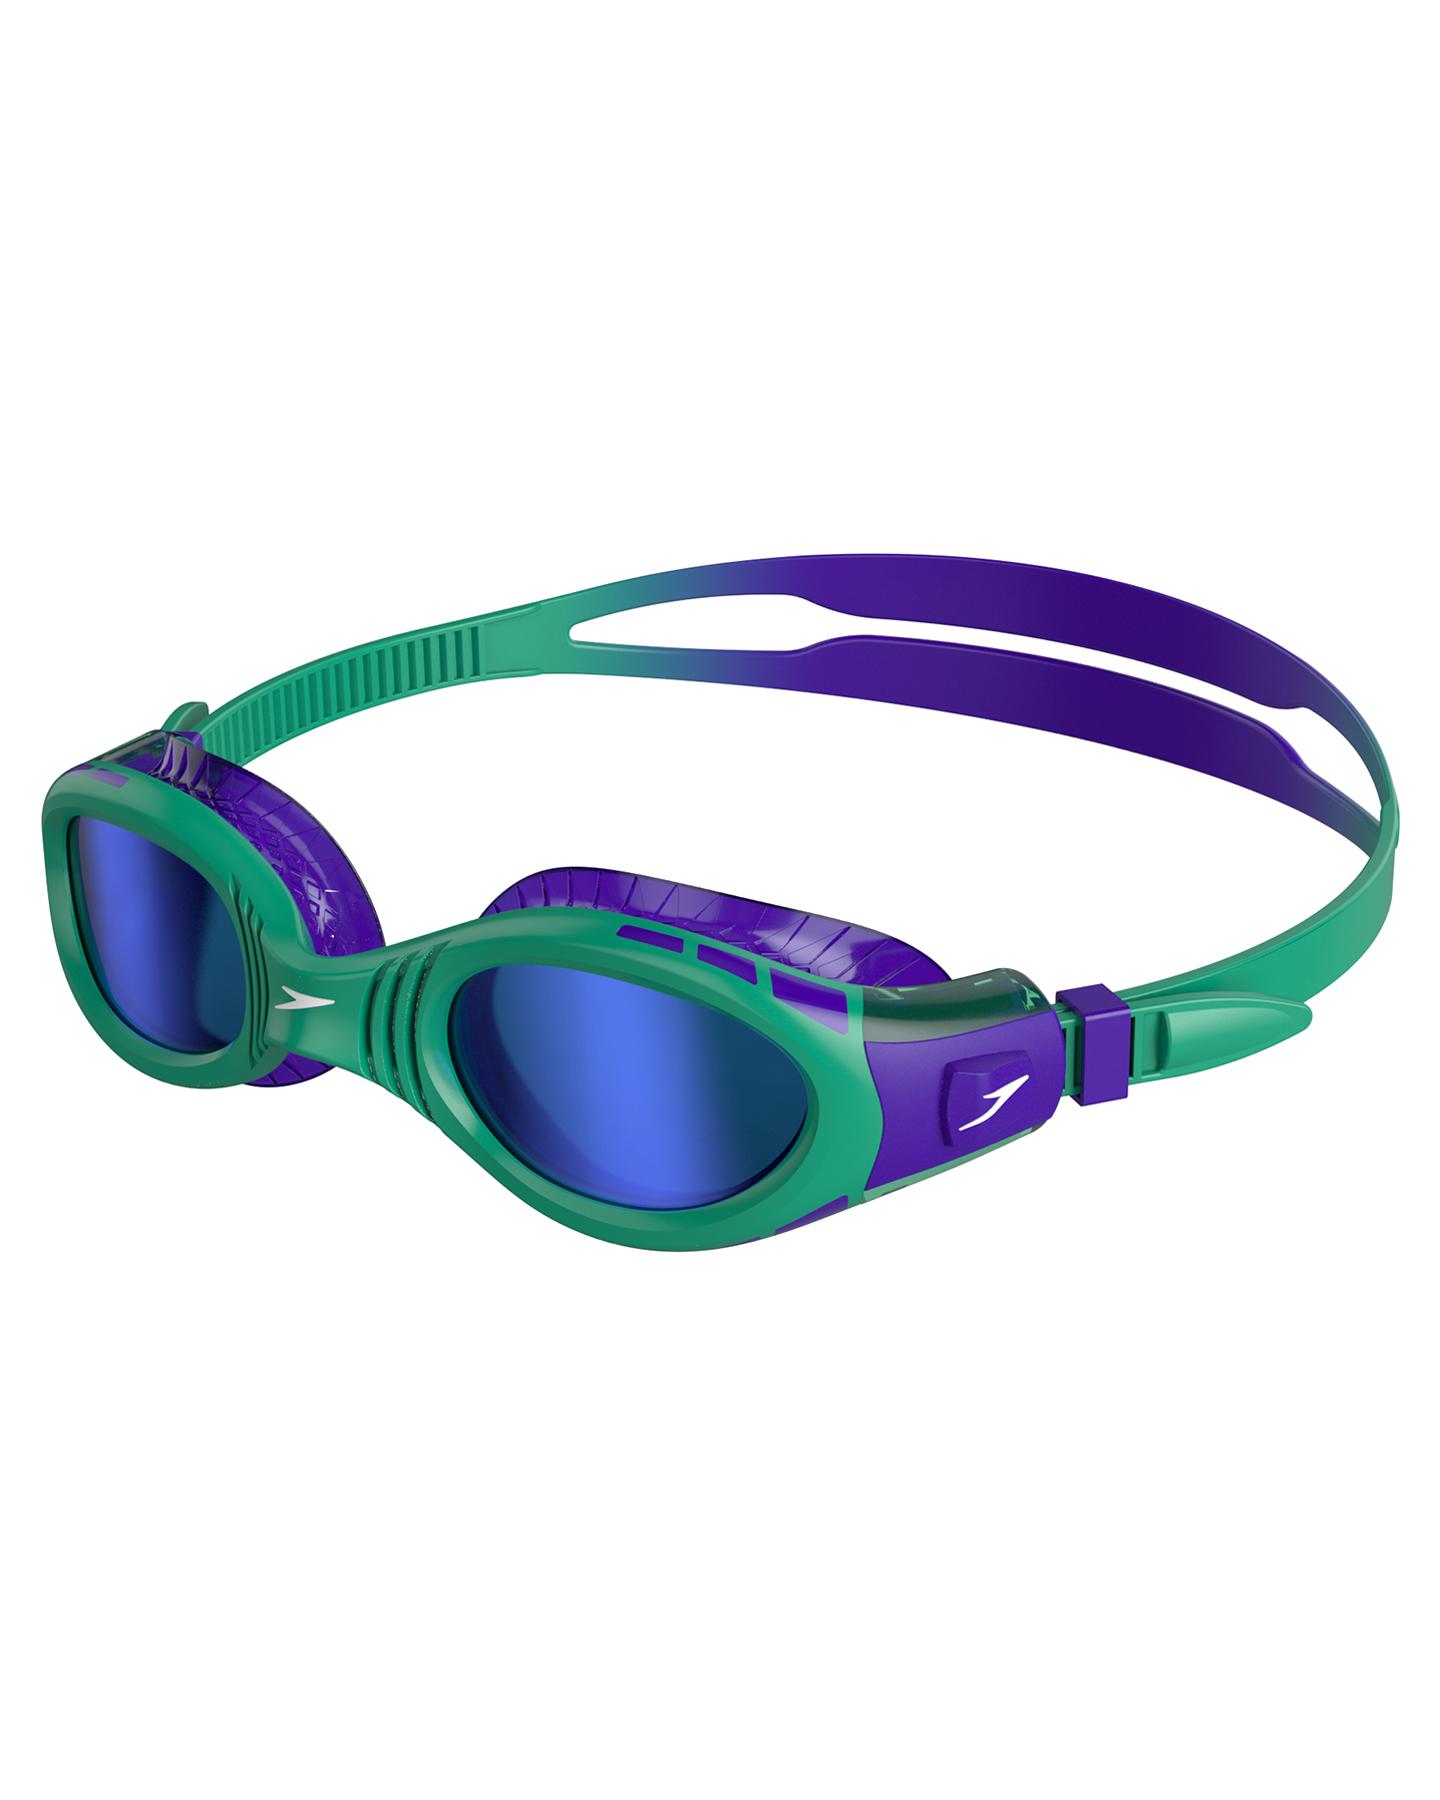 Speedo Fut Biofuse Flexiseal Mirror Junior Vio Em Blue